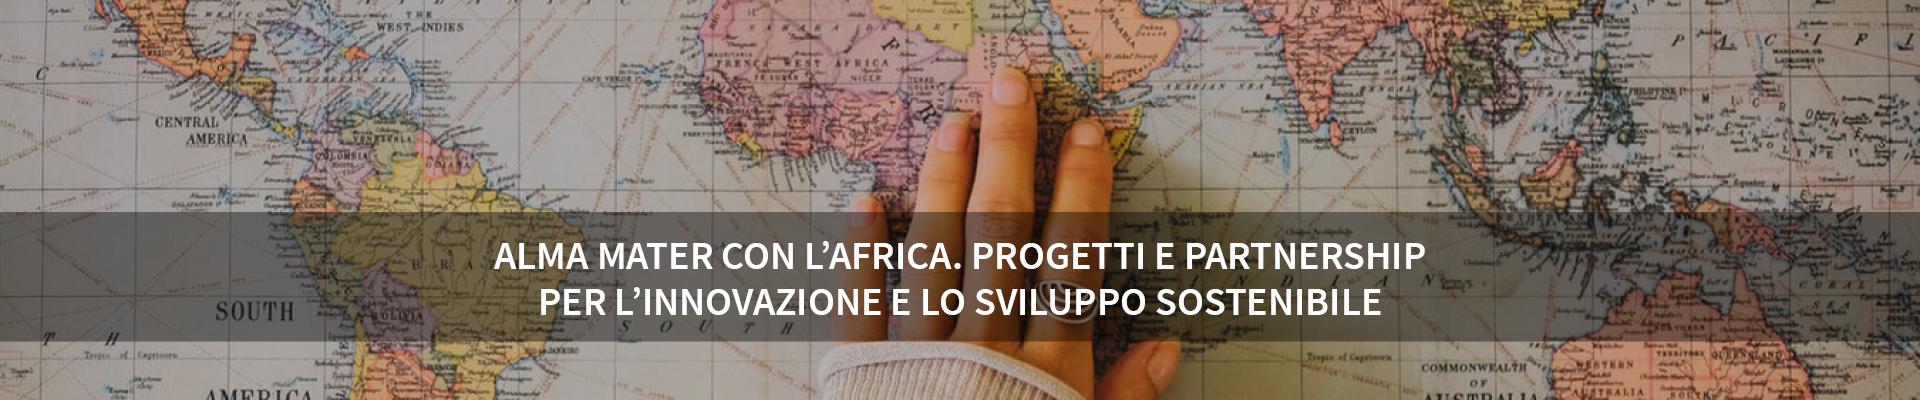 Alma Mater con l'Africa - Progetti e partnership per l'innovazione e lo sviluppo sostenibile -